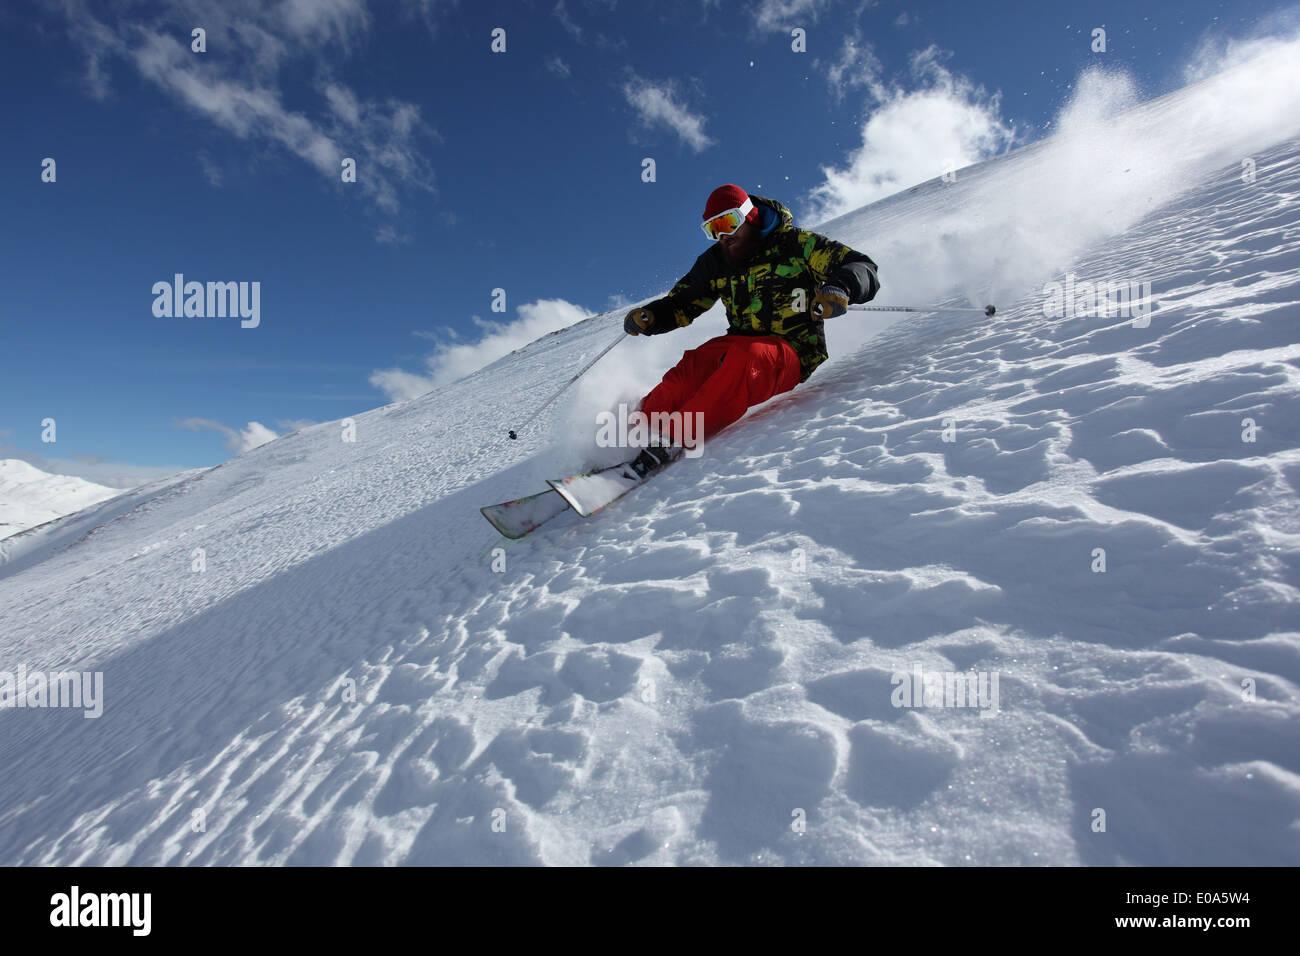 Metà uomo adulto sciare giù ripido pendio Mayrhofen, Tirolo, Austria Immagini Stock